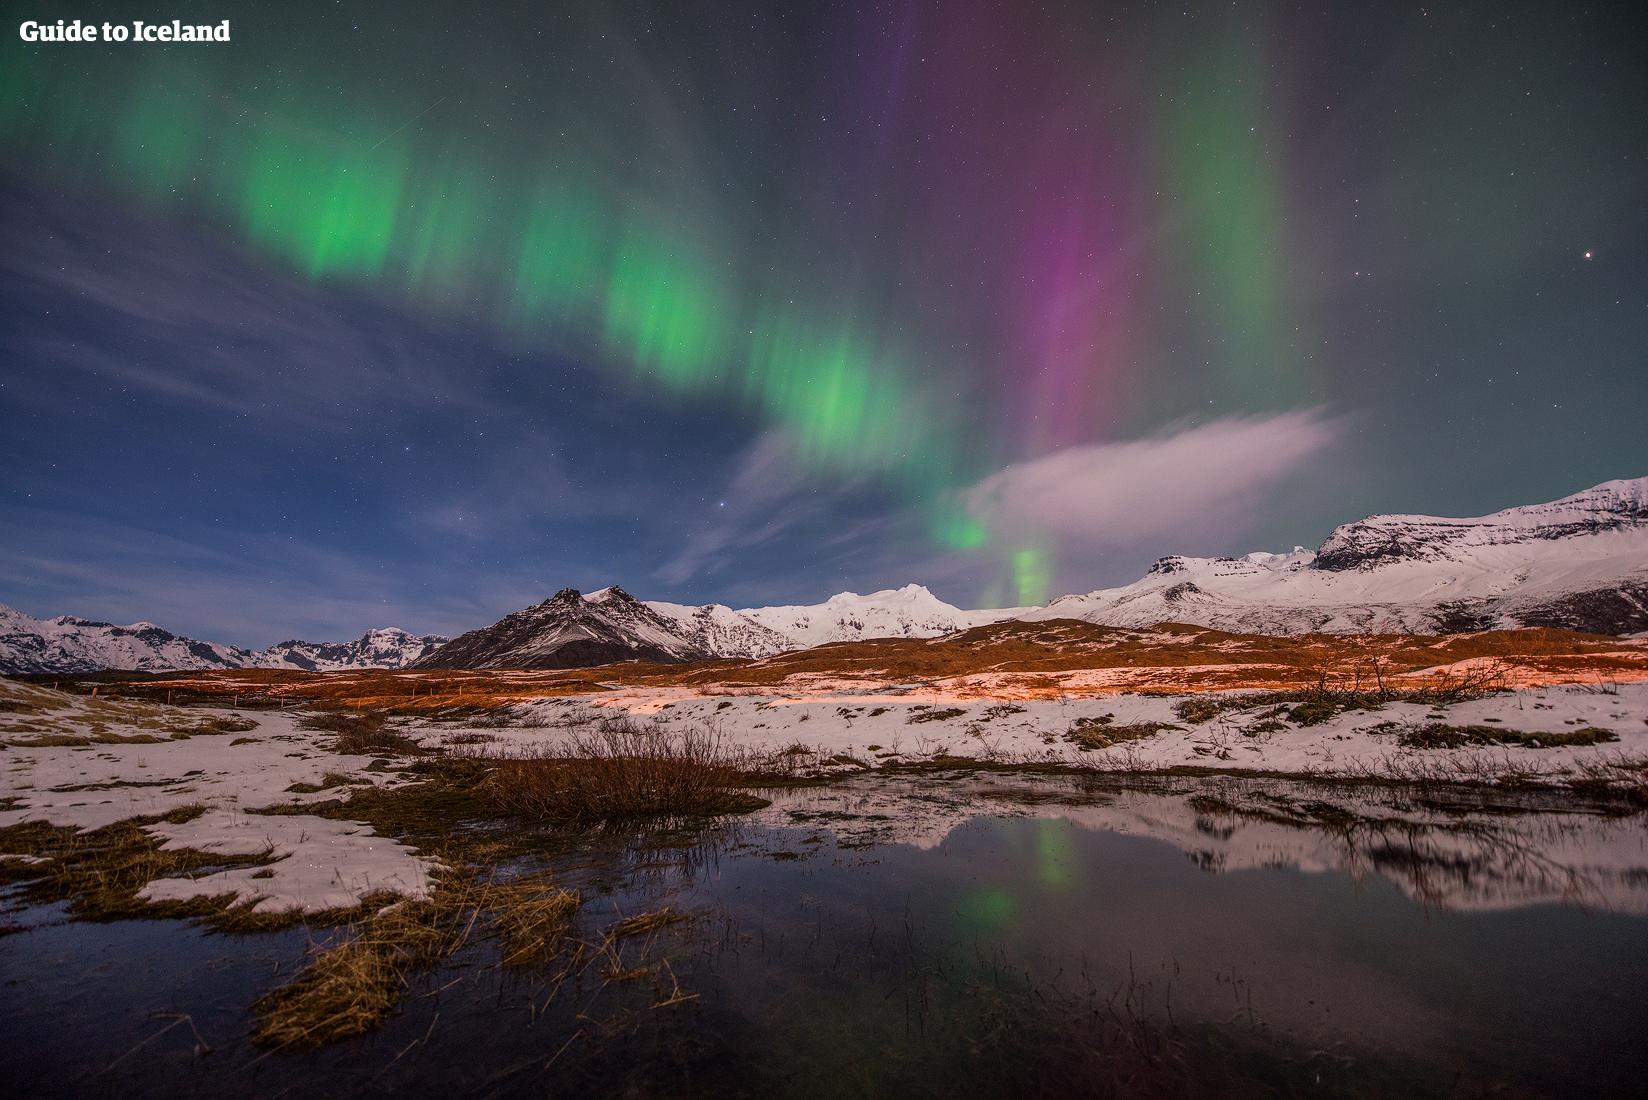 Viaja a Islandia durante el invierno y presencia las auroras boreales bailando en el cielo sobre ti.